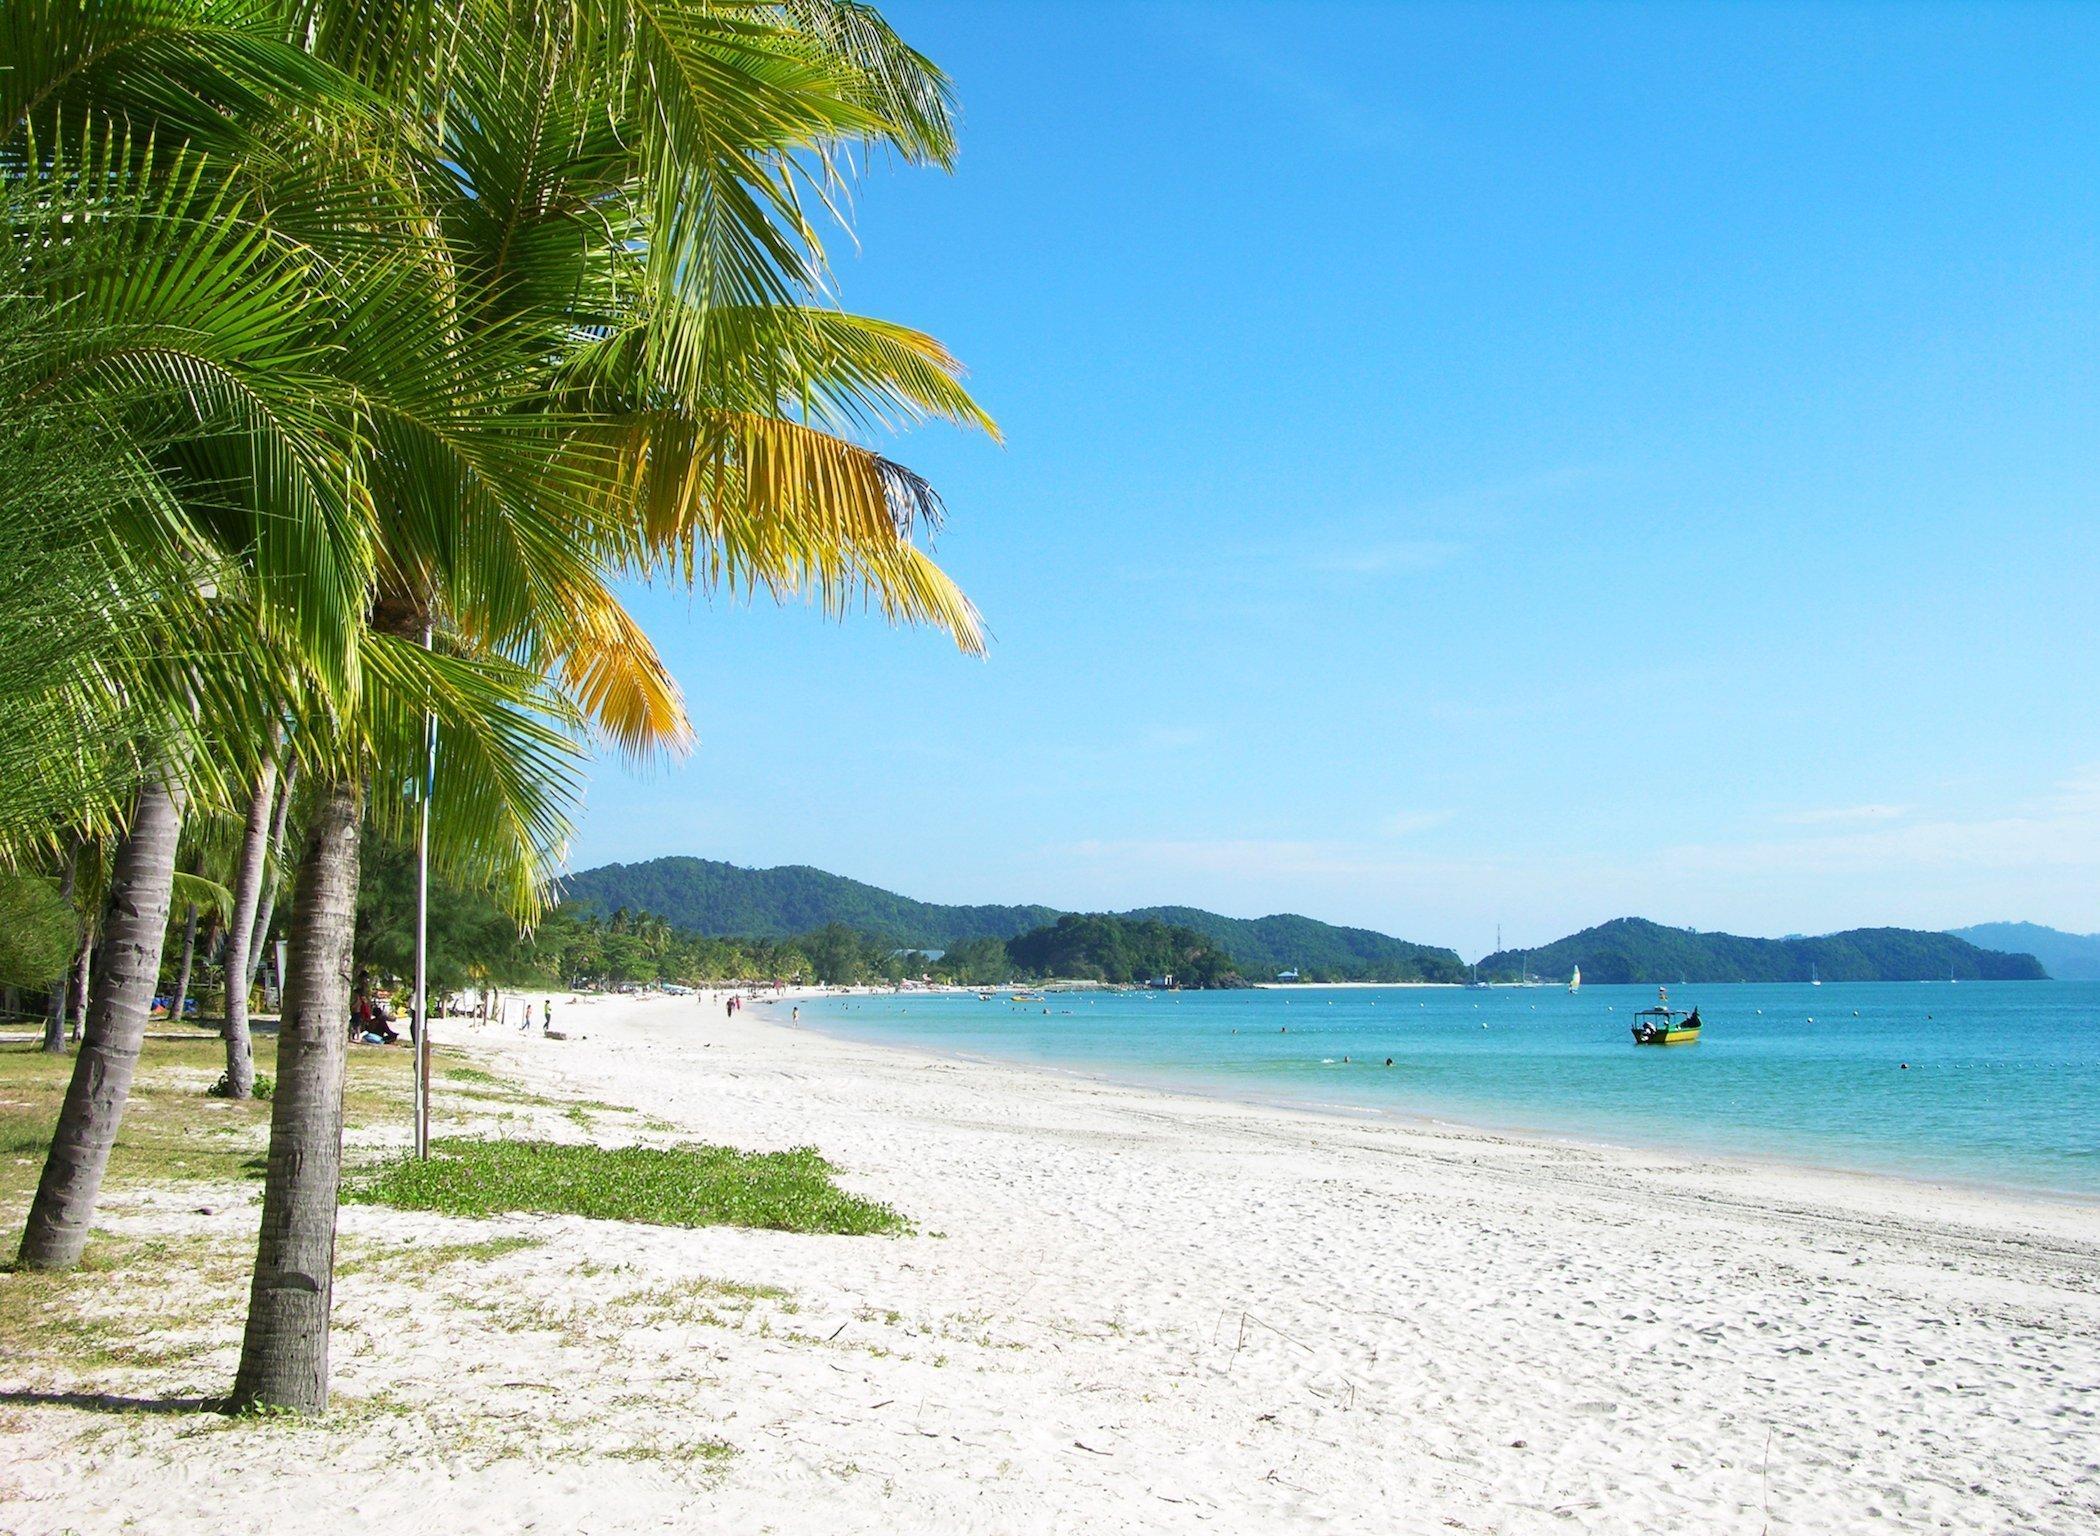 Panoramic view of Langkawi's Cenang beach